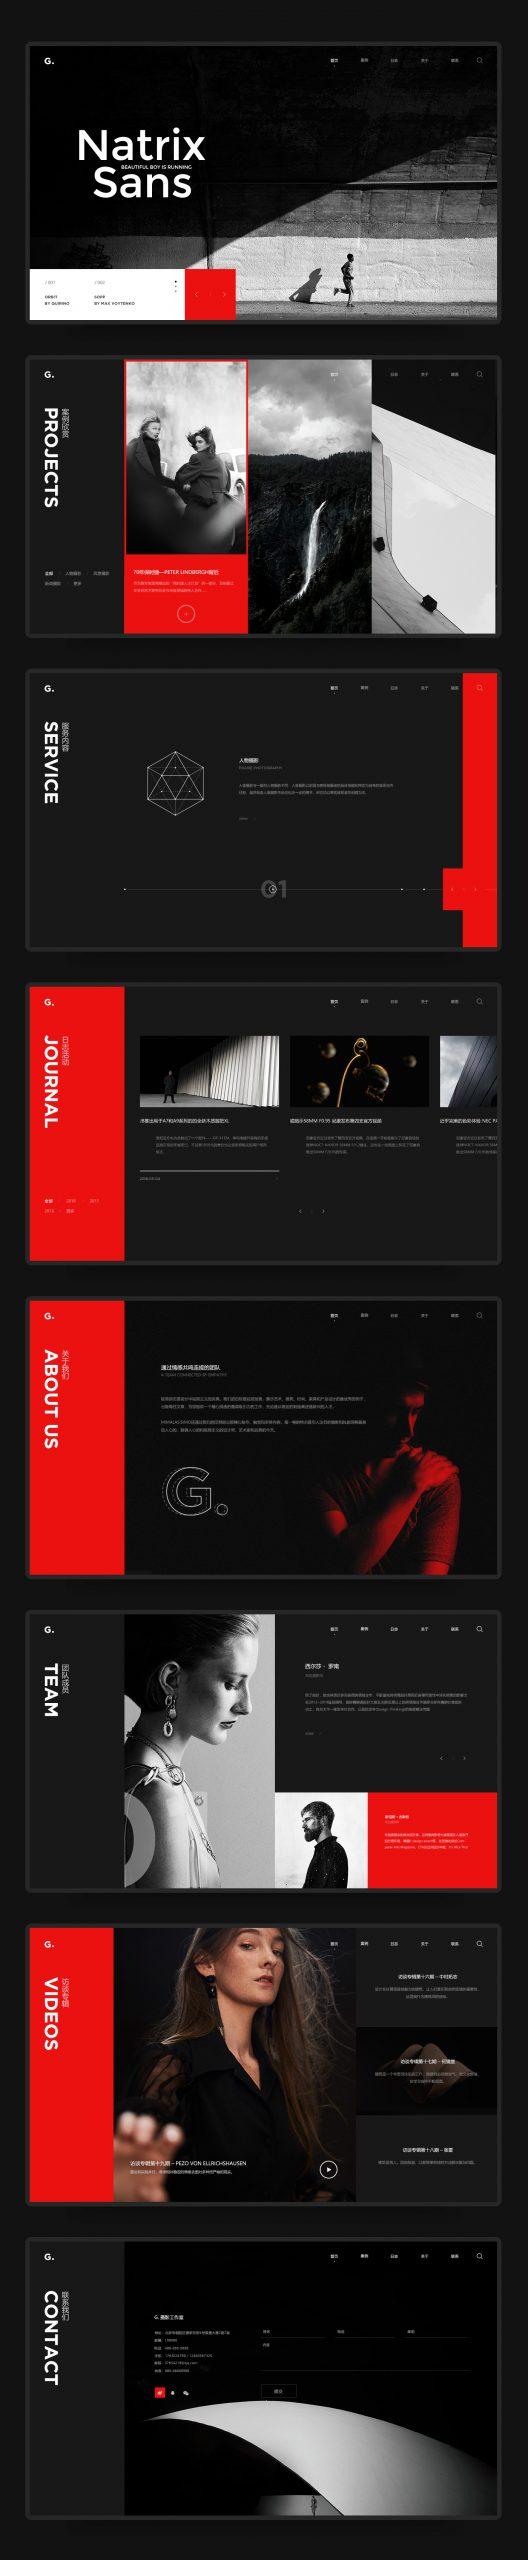 摄像摄影网站模板